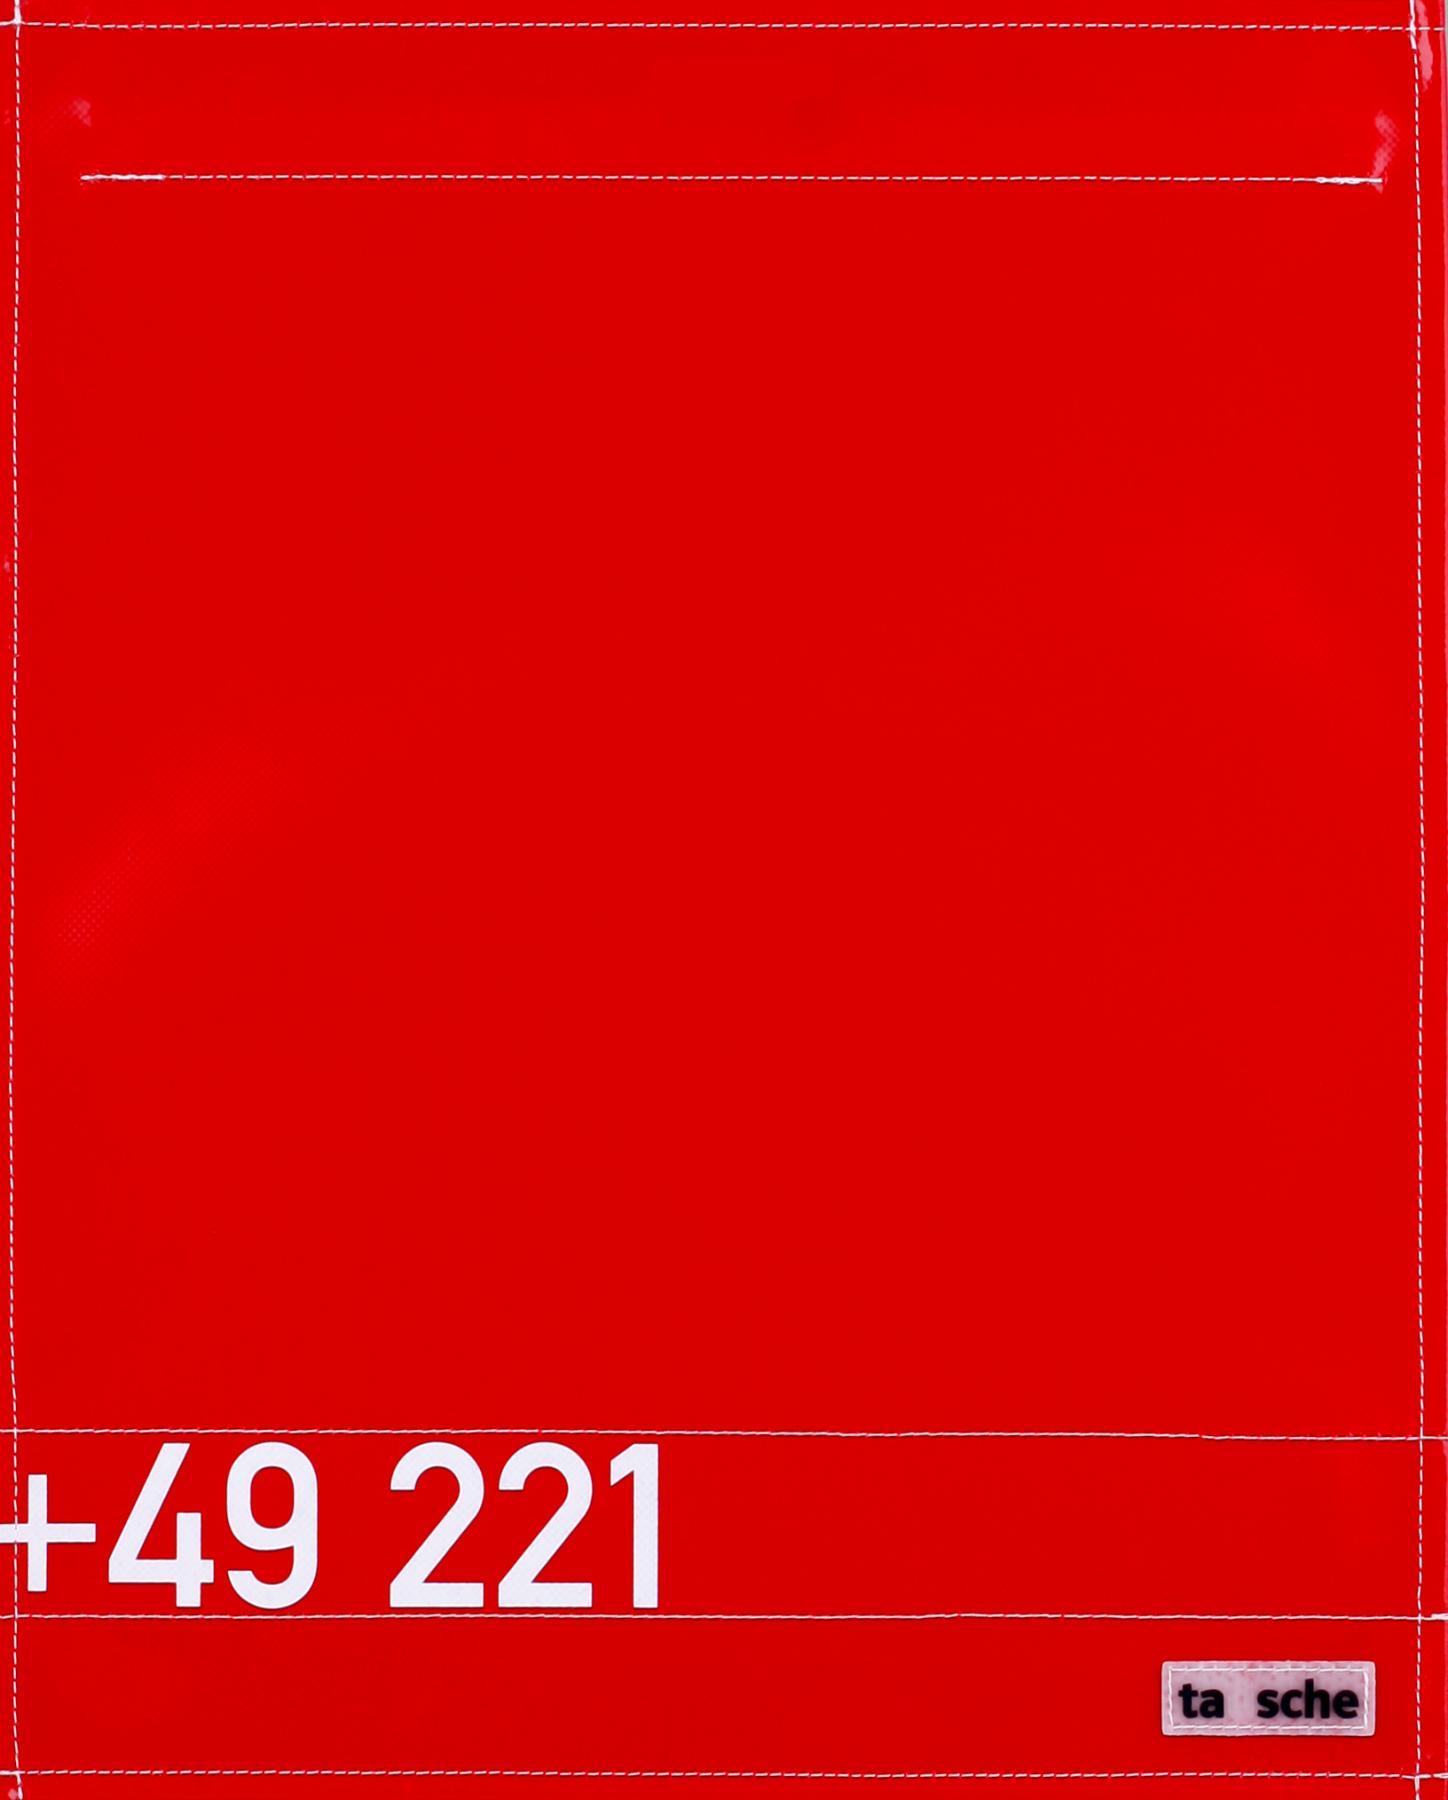 +49 221 rot/weiß (groß)